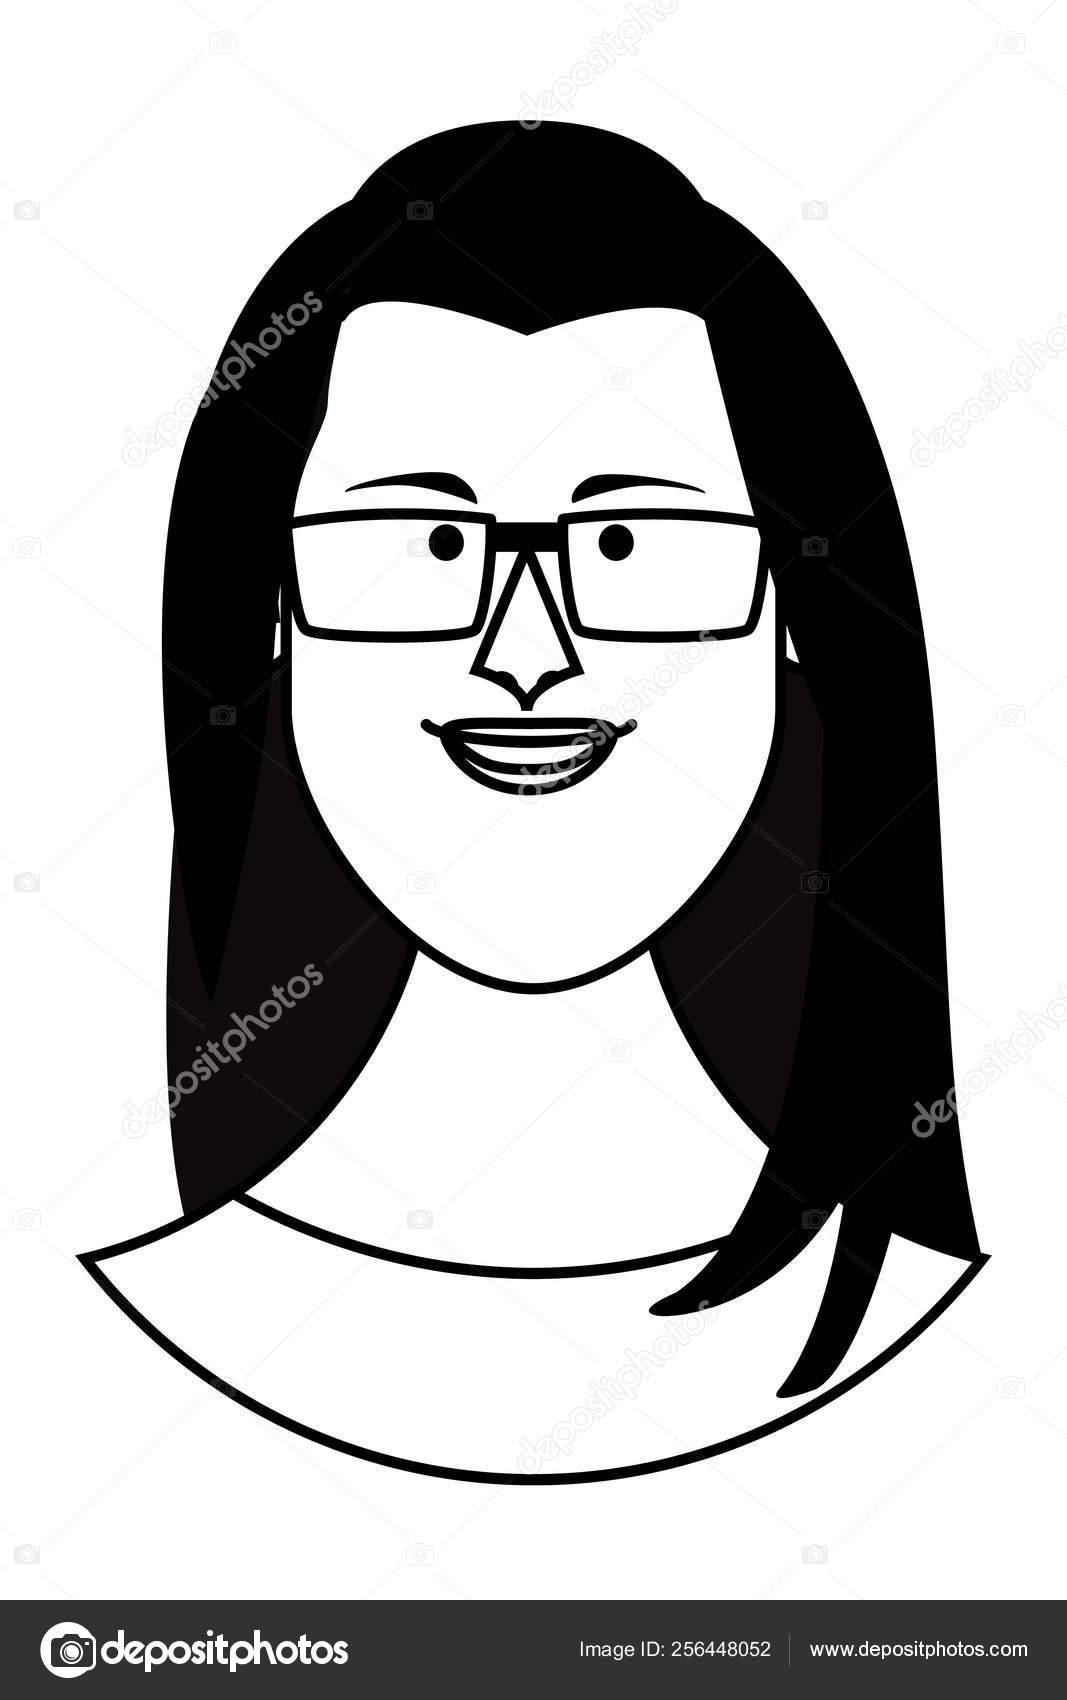 Desenho De Rosto De Mulher Em Preto E Branco Vetores De Stock